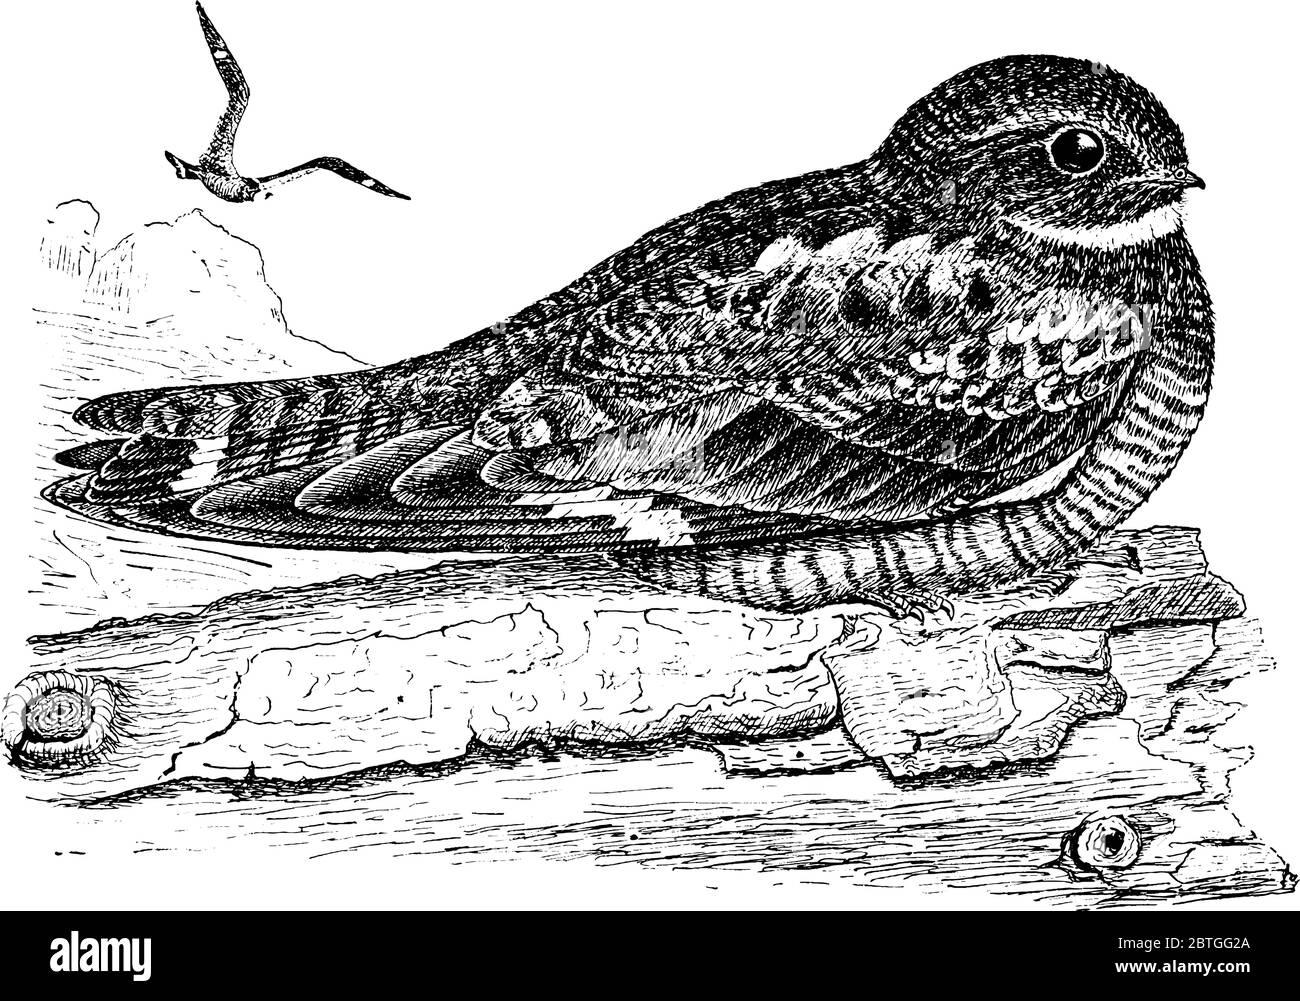 Nighthawk, con alas largas, piernas cortas y cuentas muy cortas que normalmente anidan en el suelo y capturan insectos voladores, sentados en las ramas de la t Ilustración del Vector